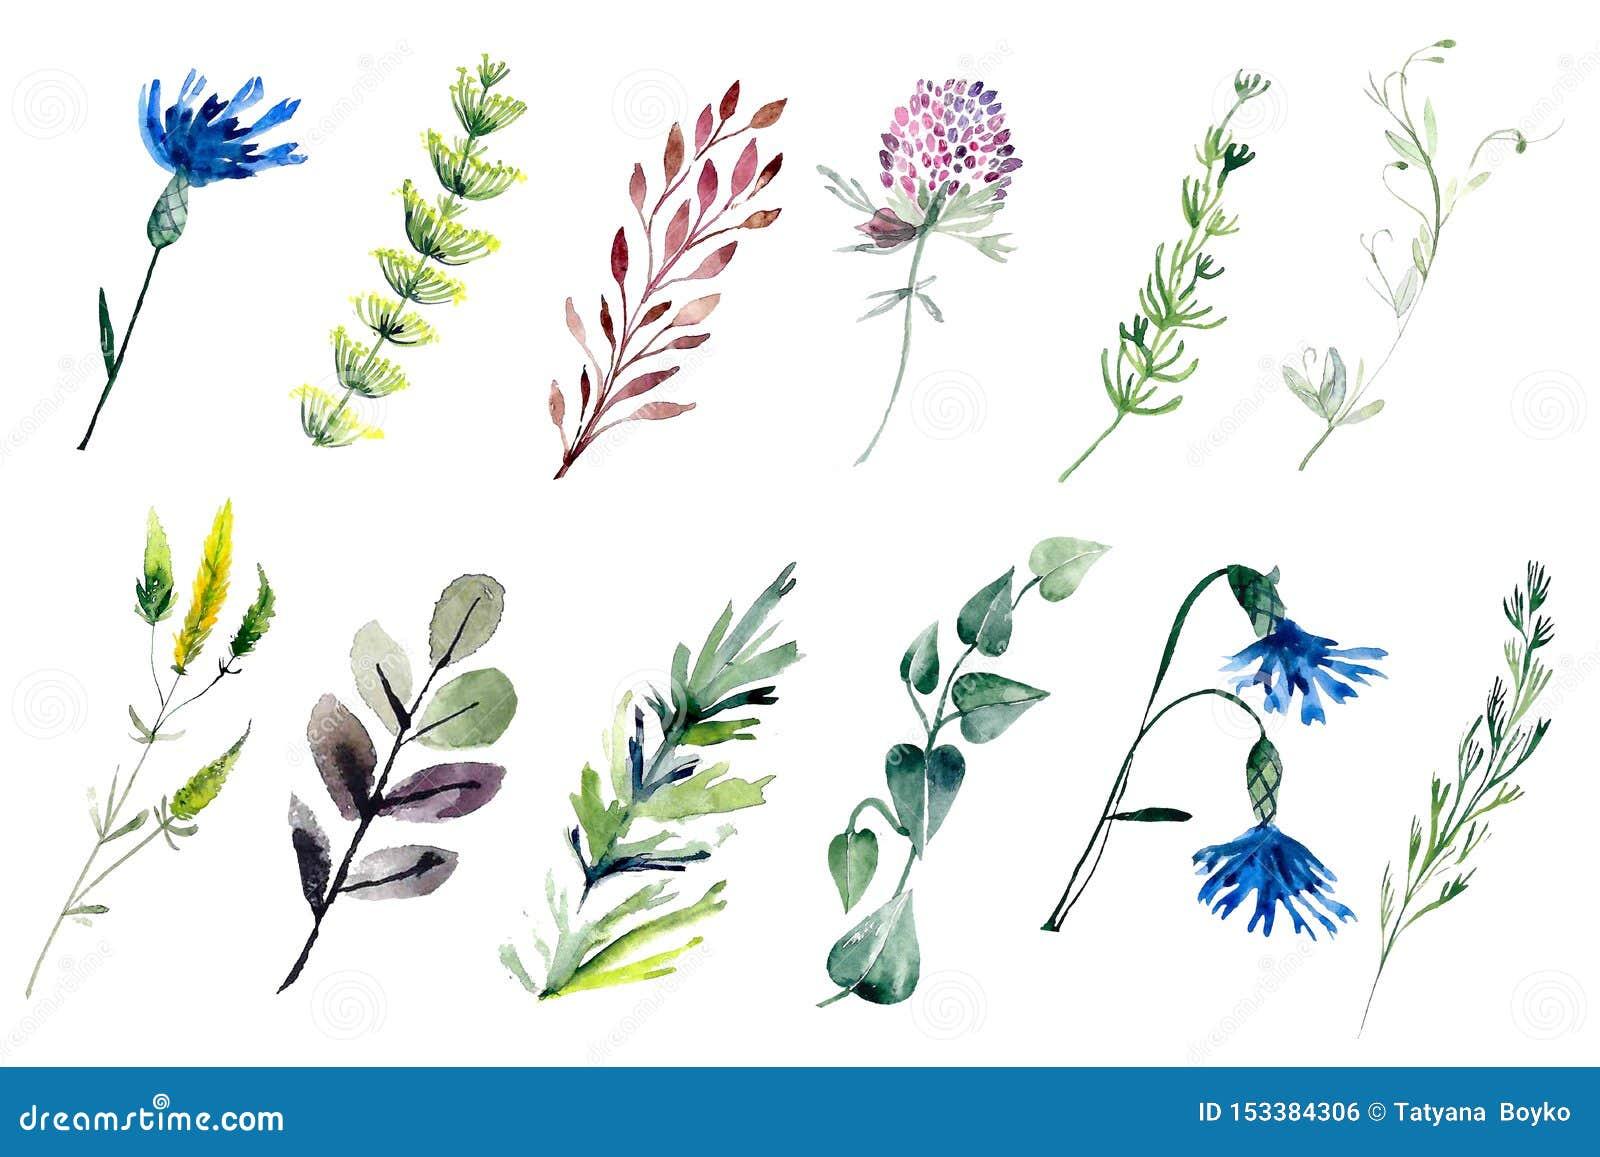 Watercolour field plants